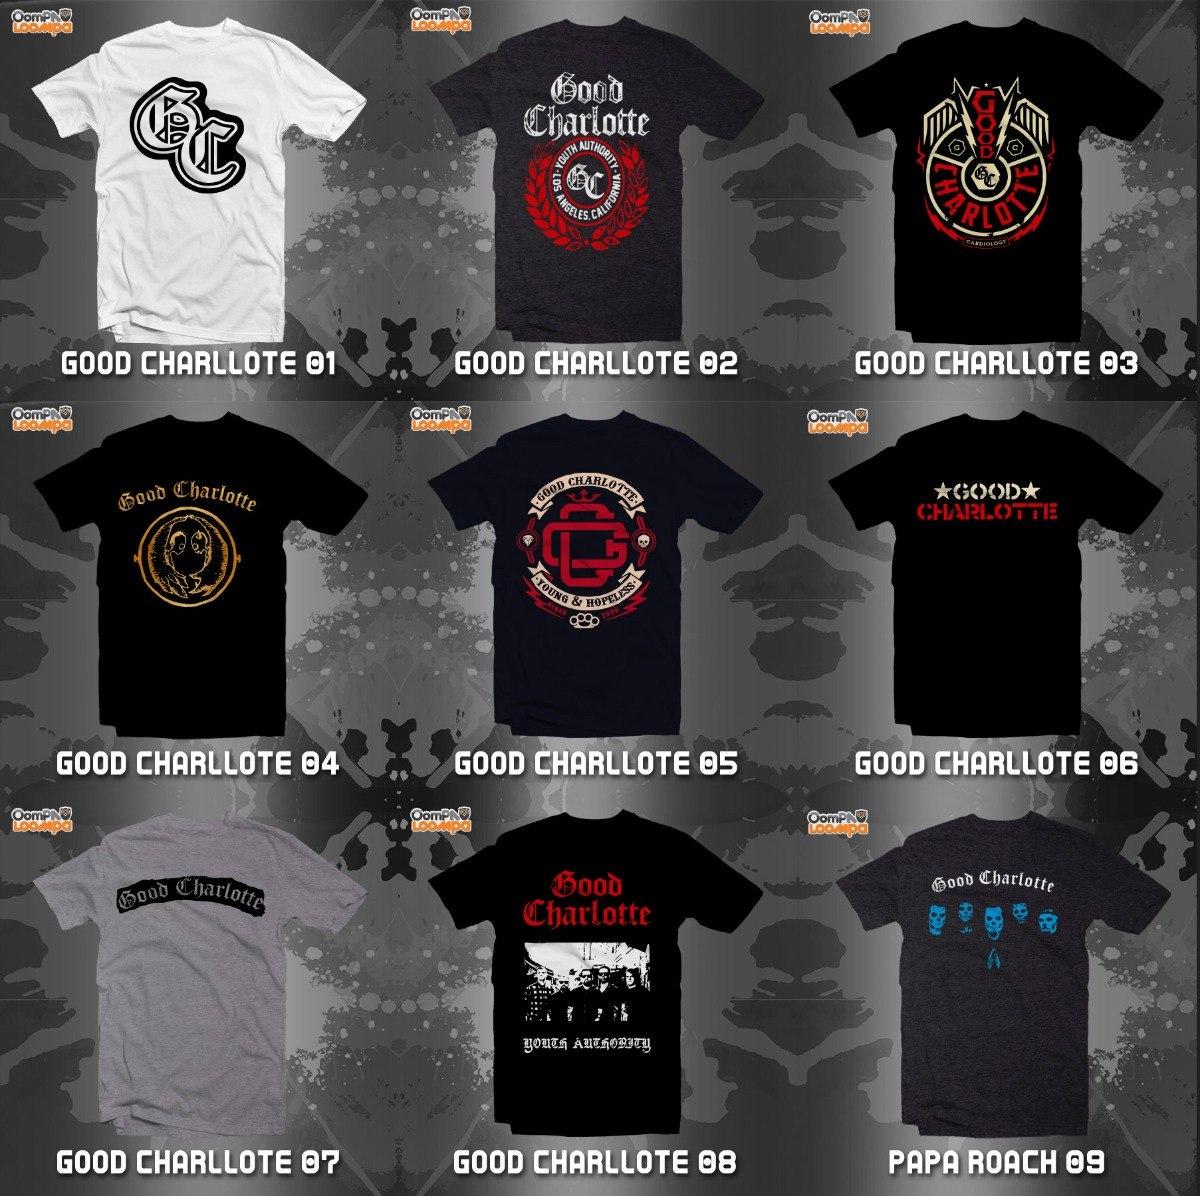 Playeras Good Charlotte - 9 Diseños Disponibles -   180.00 en ... 59d79689694a9